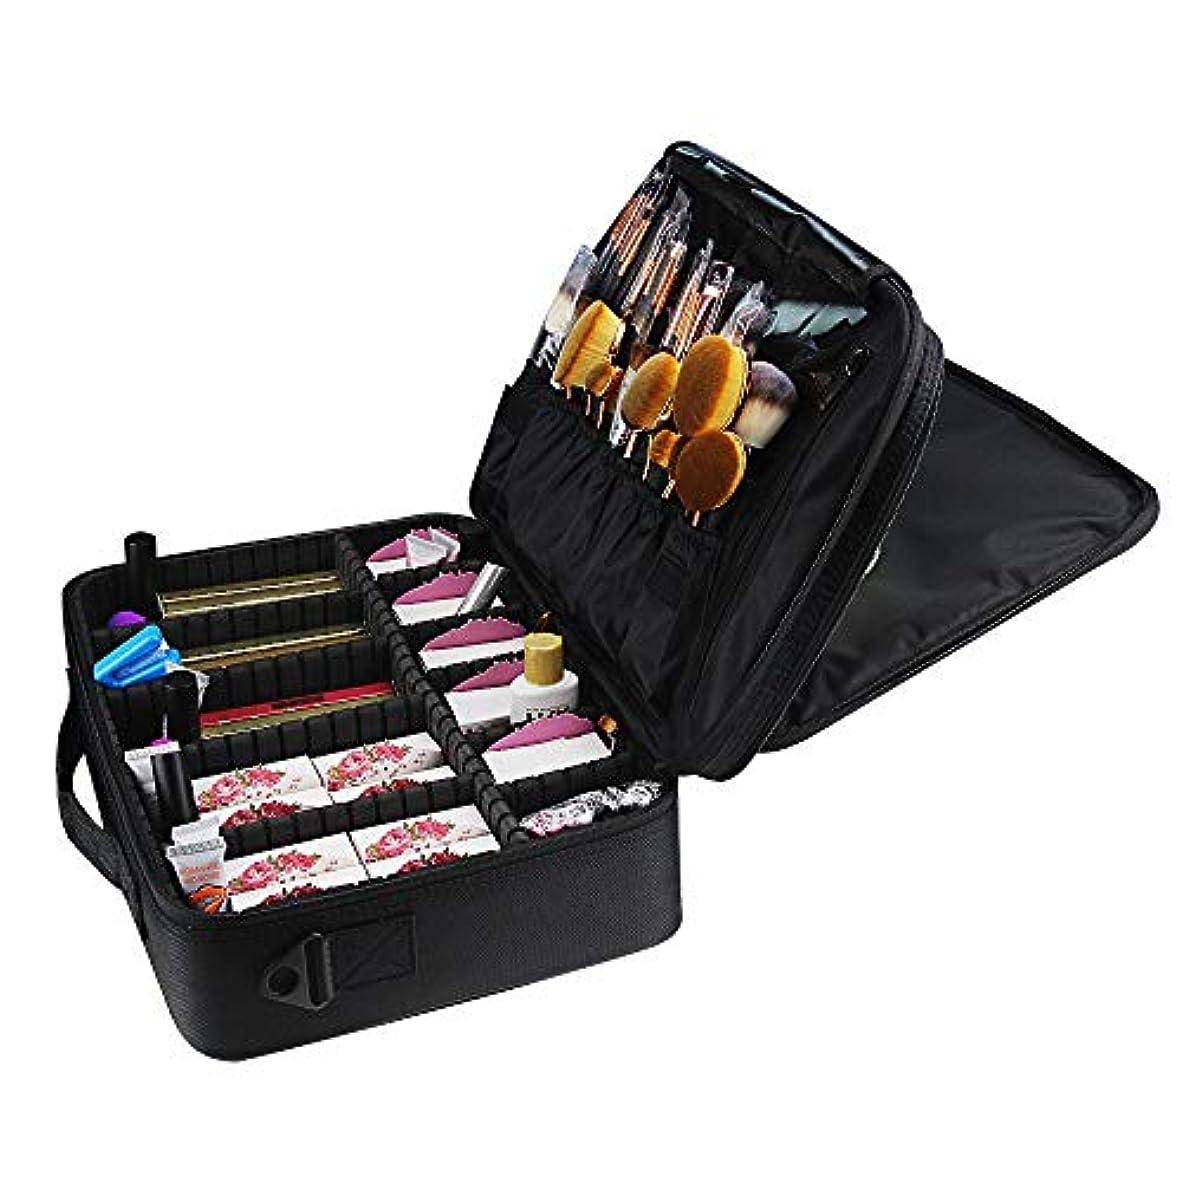 そうでなければハブ蛇行化粧オーガナイザーバッグ メイクアップトラベルバッグストレージバッグ防水ミニメイクアップケース旅行旅行のための 化粧品ケース (色 : ブラック)